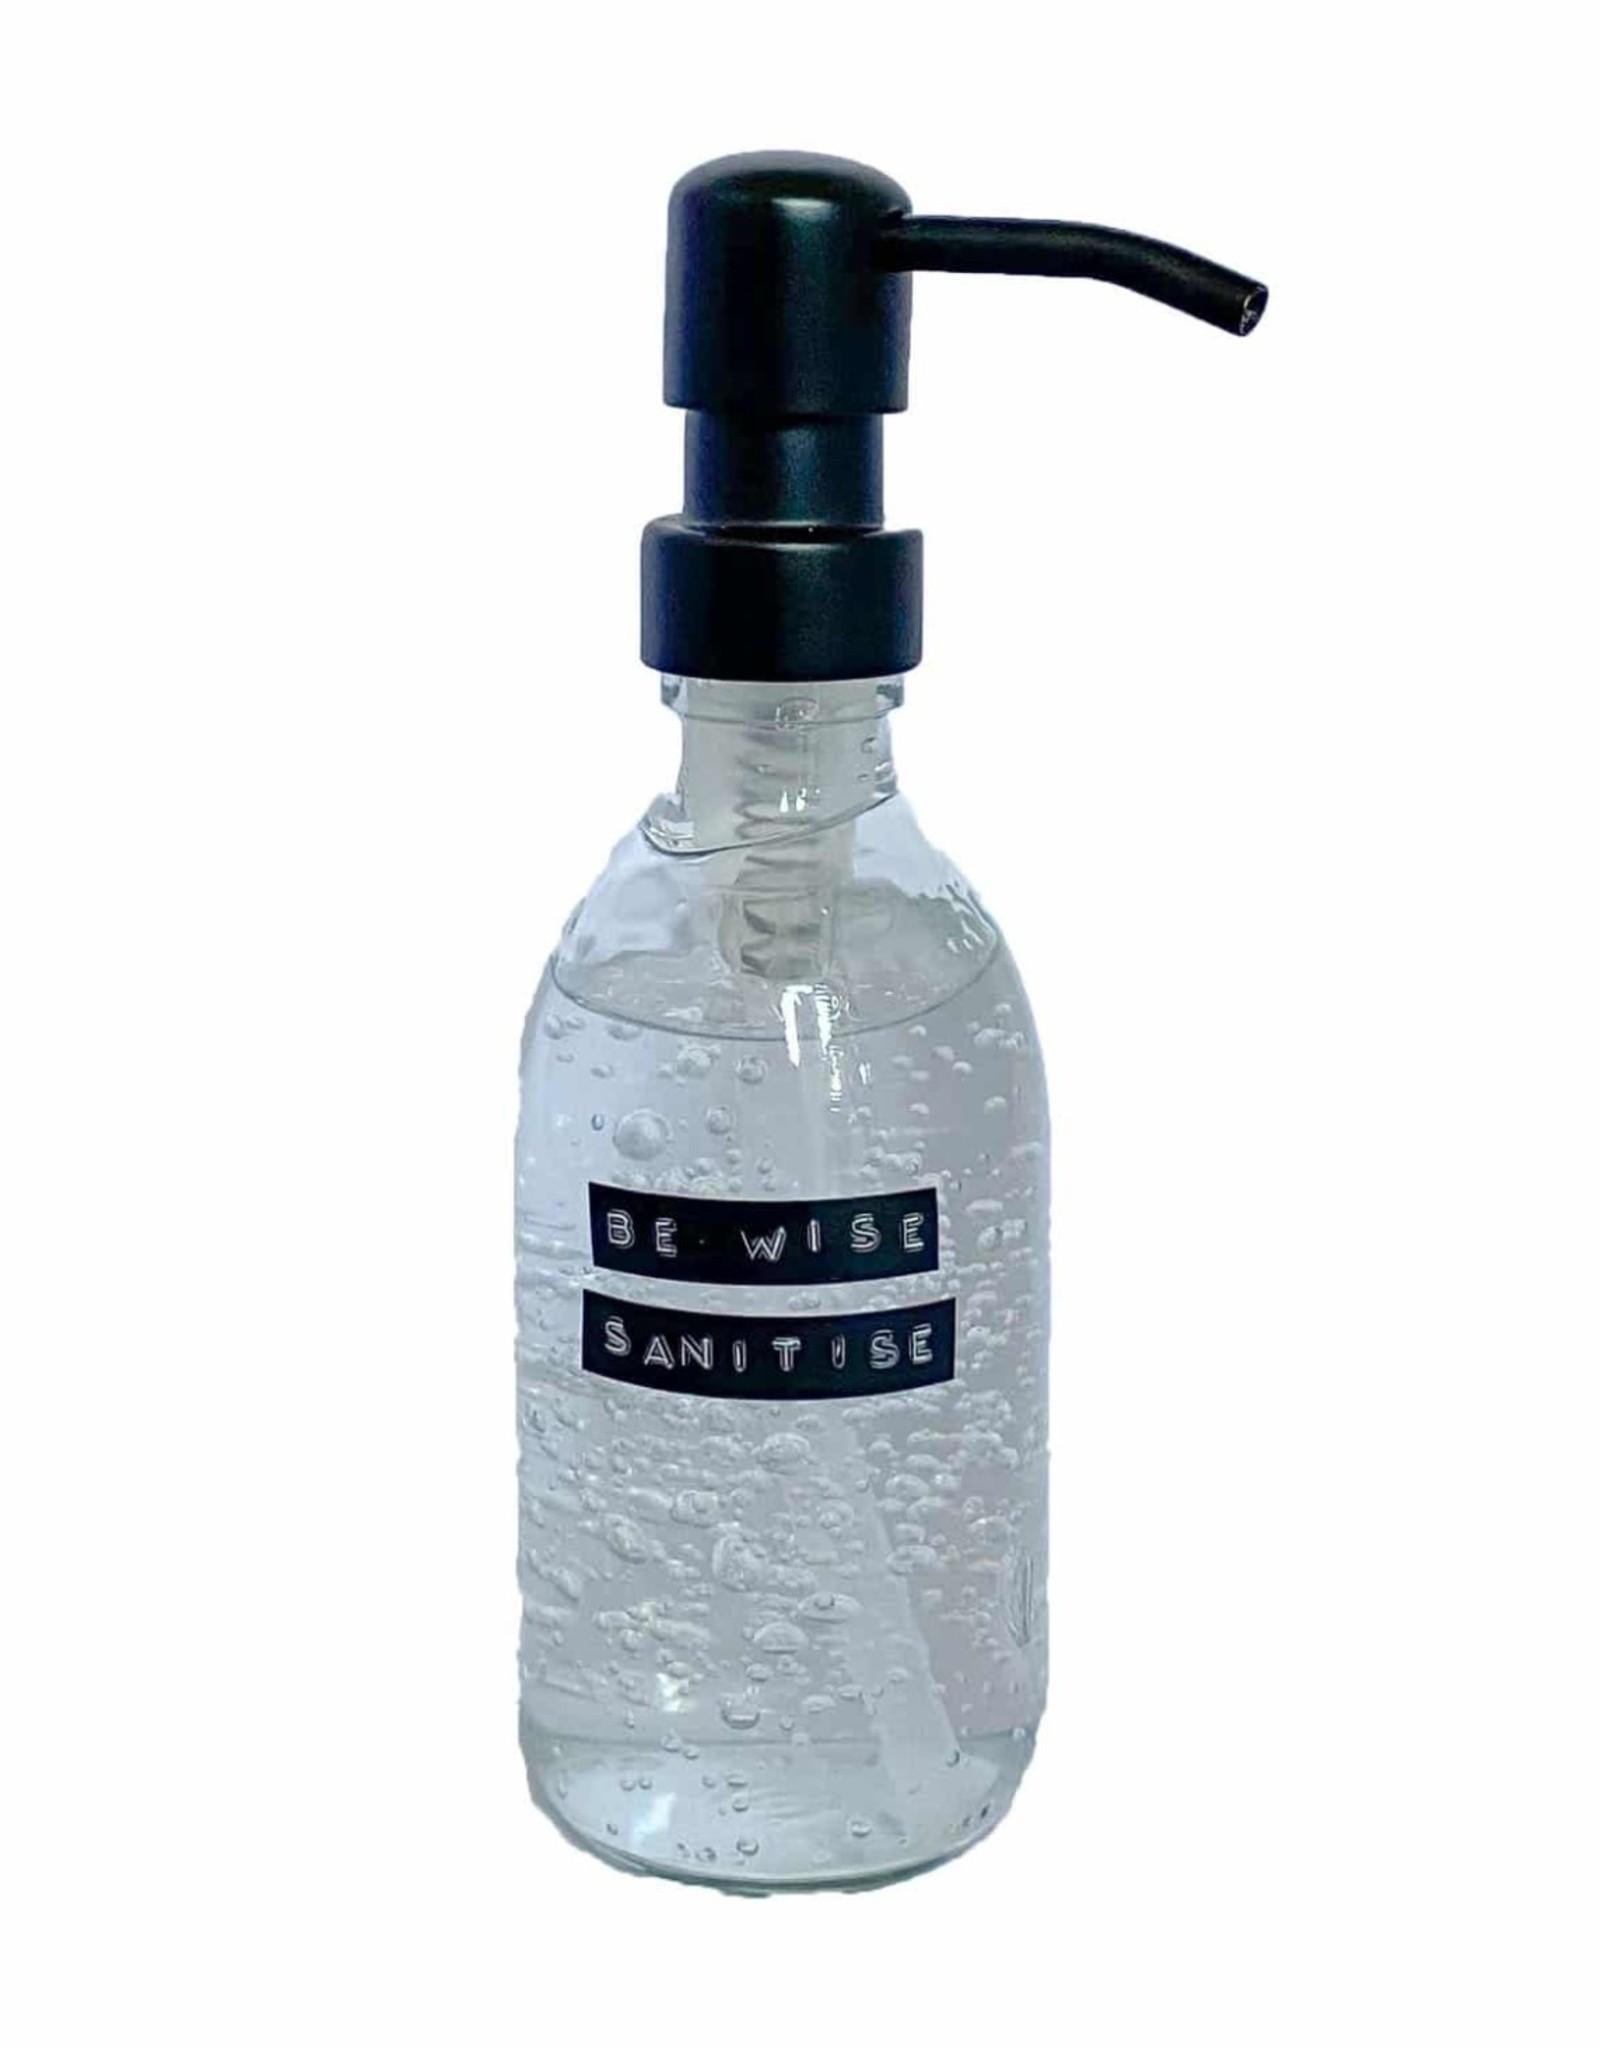 Wellmark Sanitiser helder glas / zwart